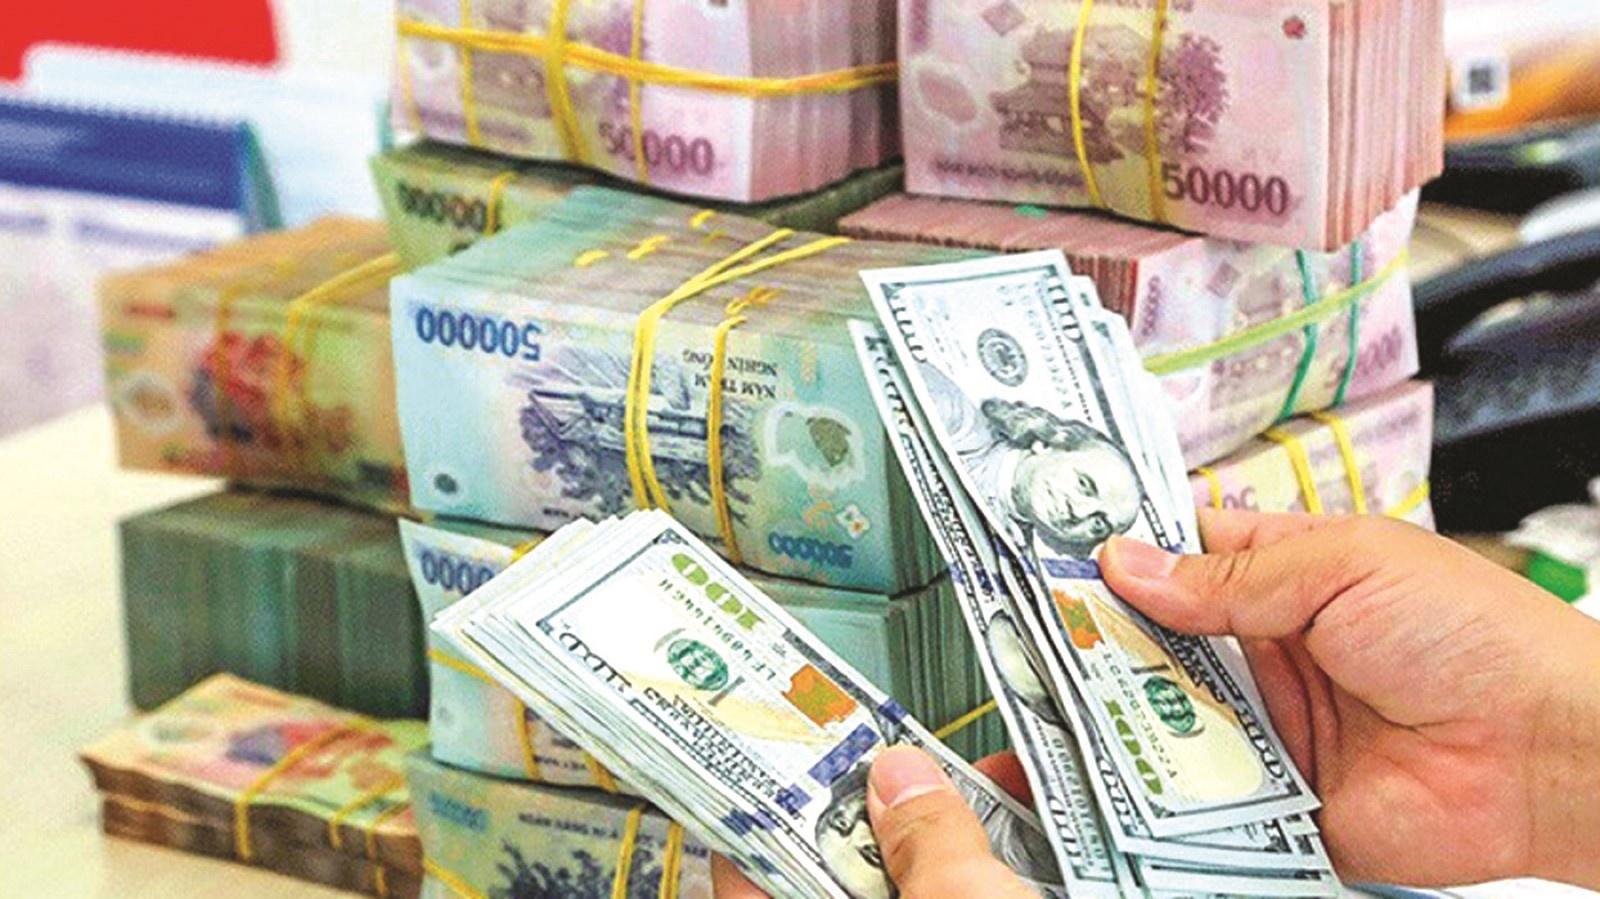 Cung tiền - chỉ số quan trọng để kiểm soát lạm phát 1